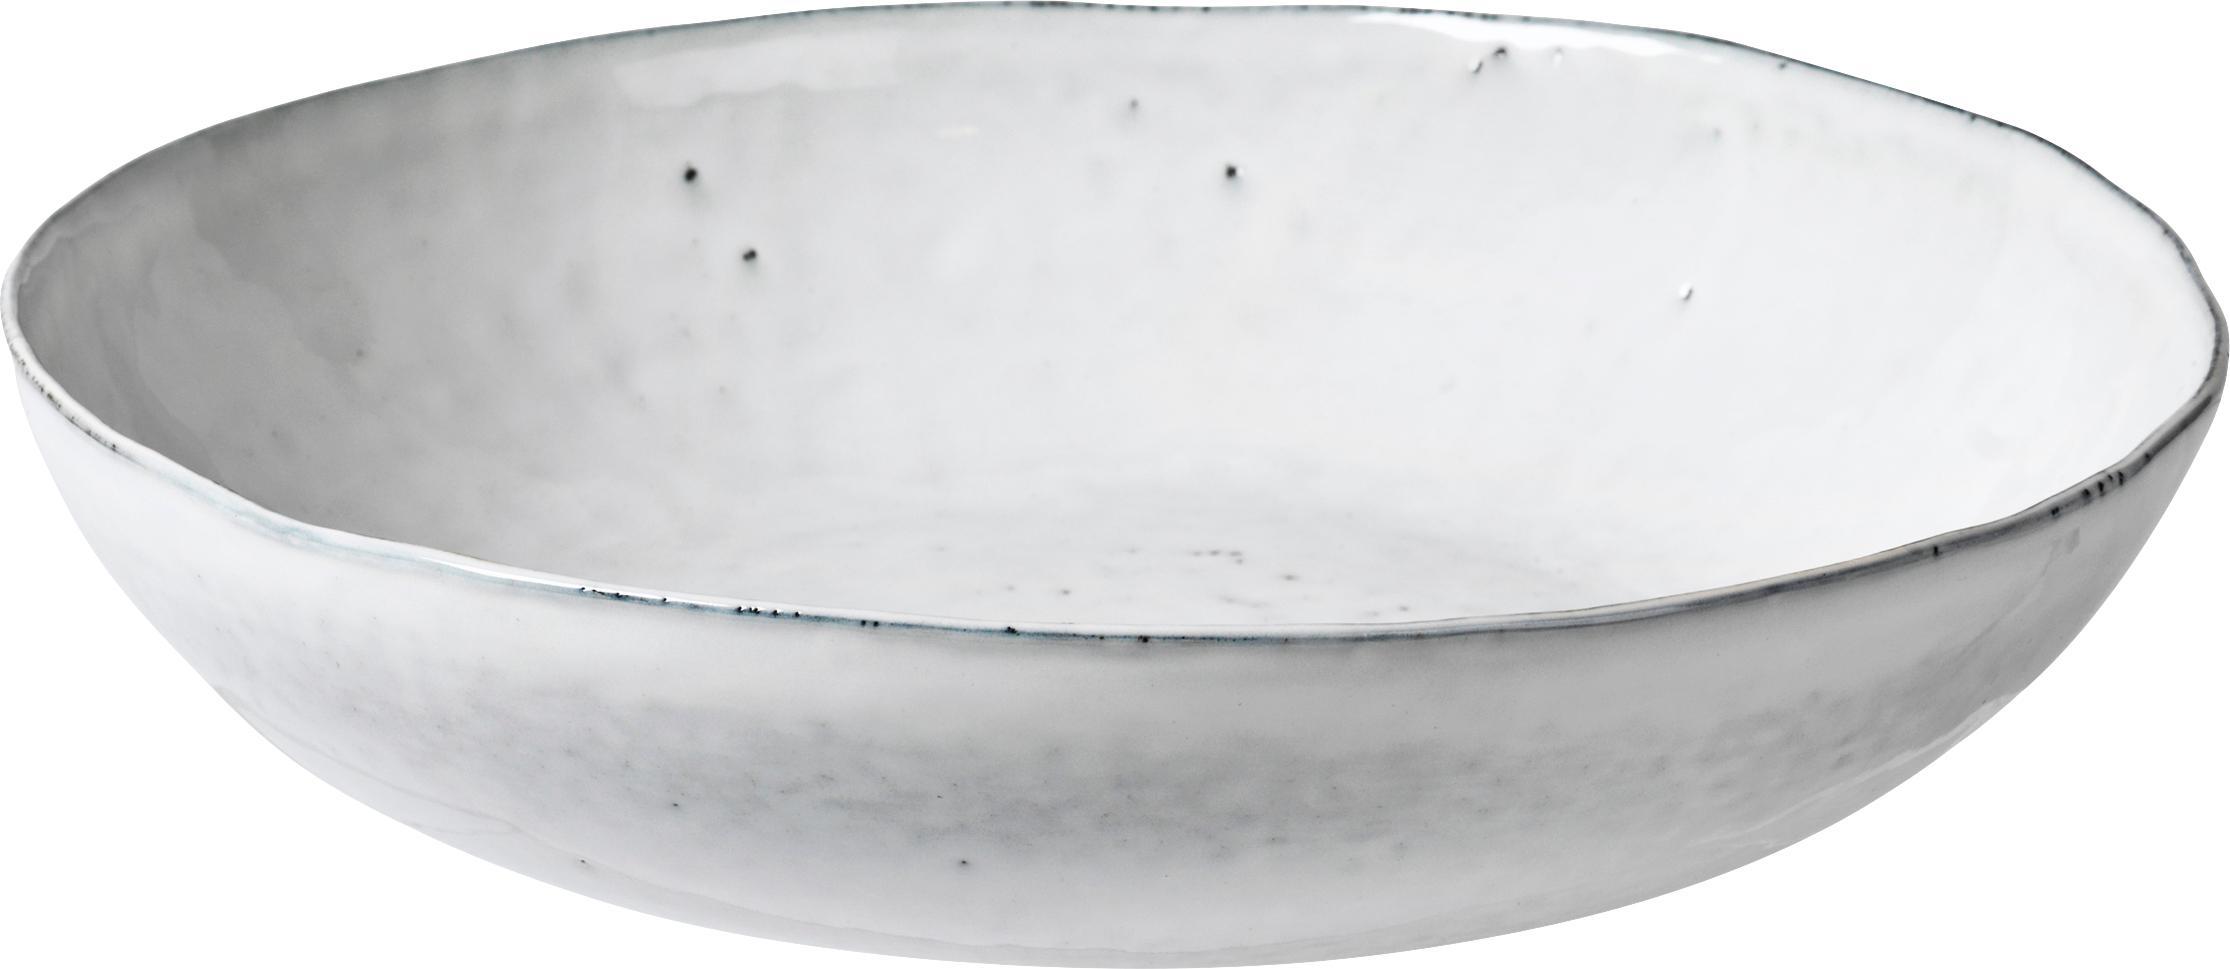 Handgemachte Servierschale Nordic Sand Ø 34 cm aus Steingut, Steingut, Sand, Ø 34 x H 8 cm